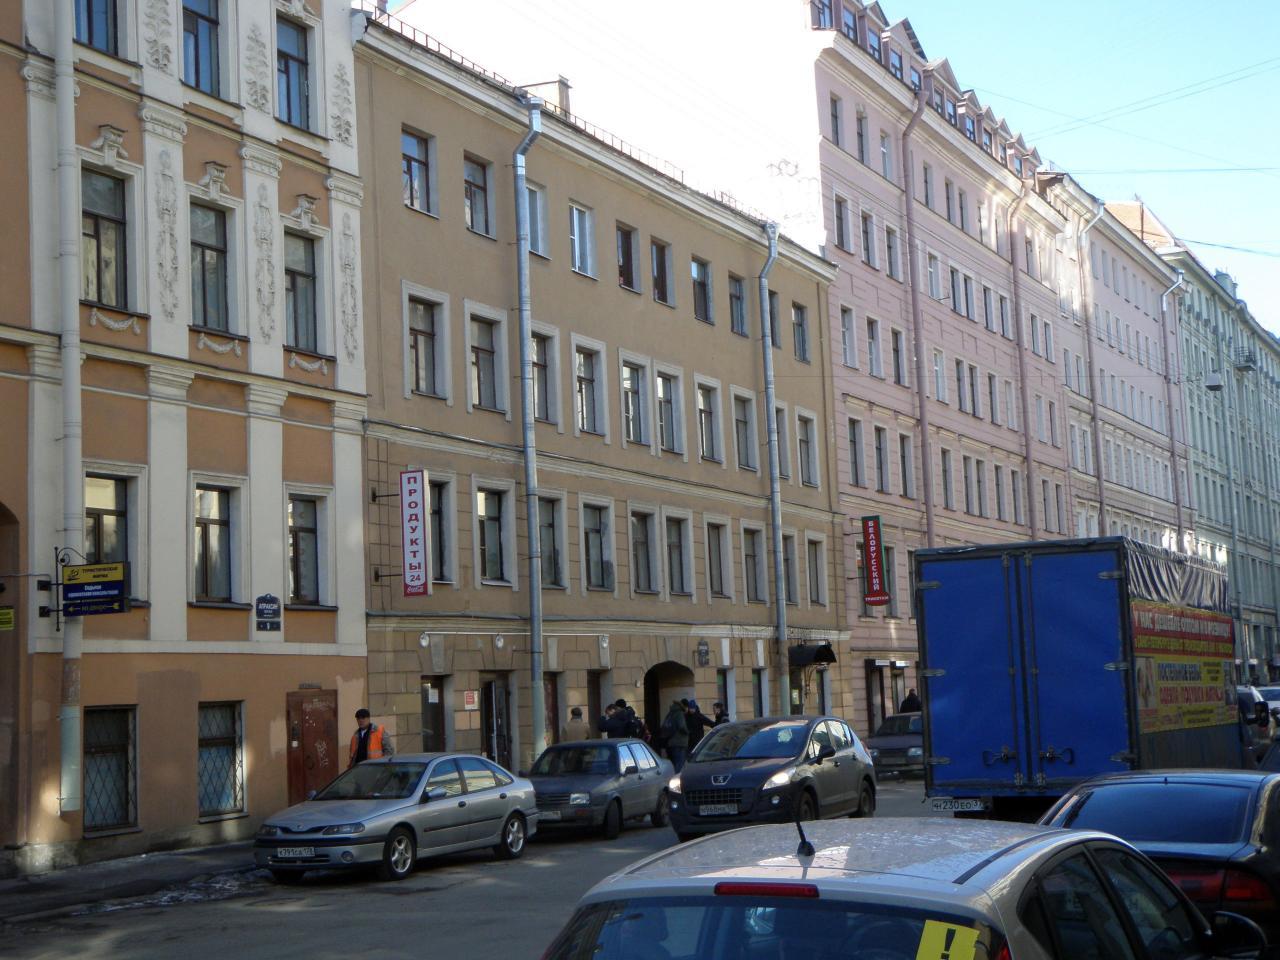 Сдается 3-х комнатная квартира, расположенную в историческом центре петербургазакрытый, чистый